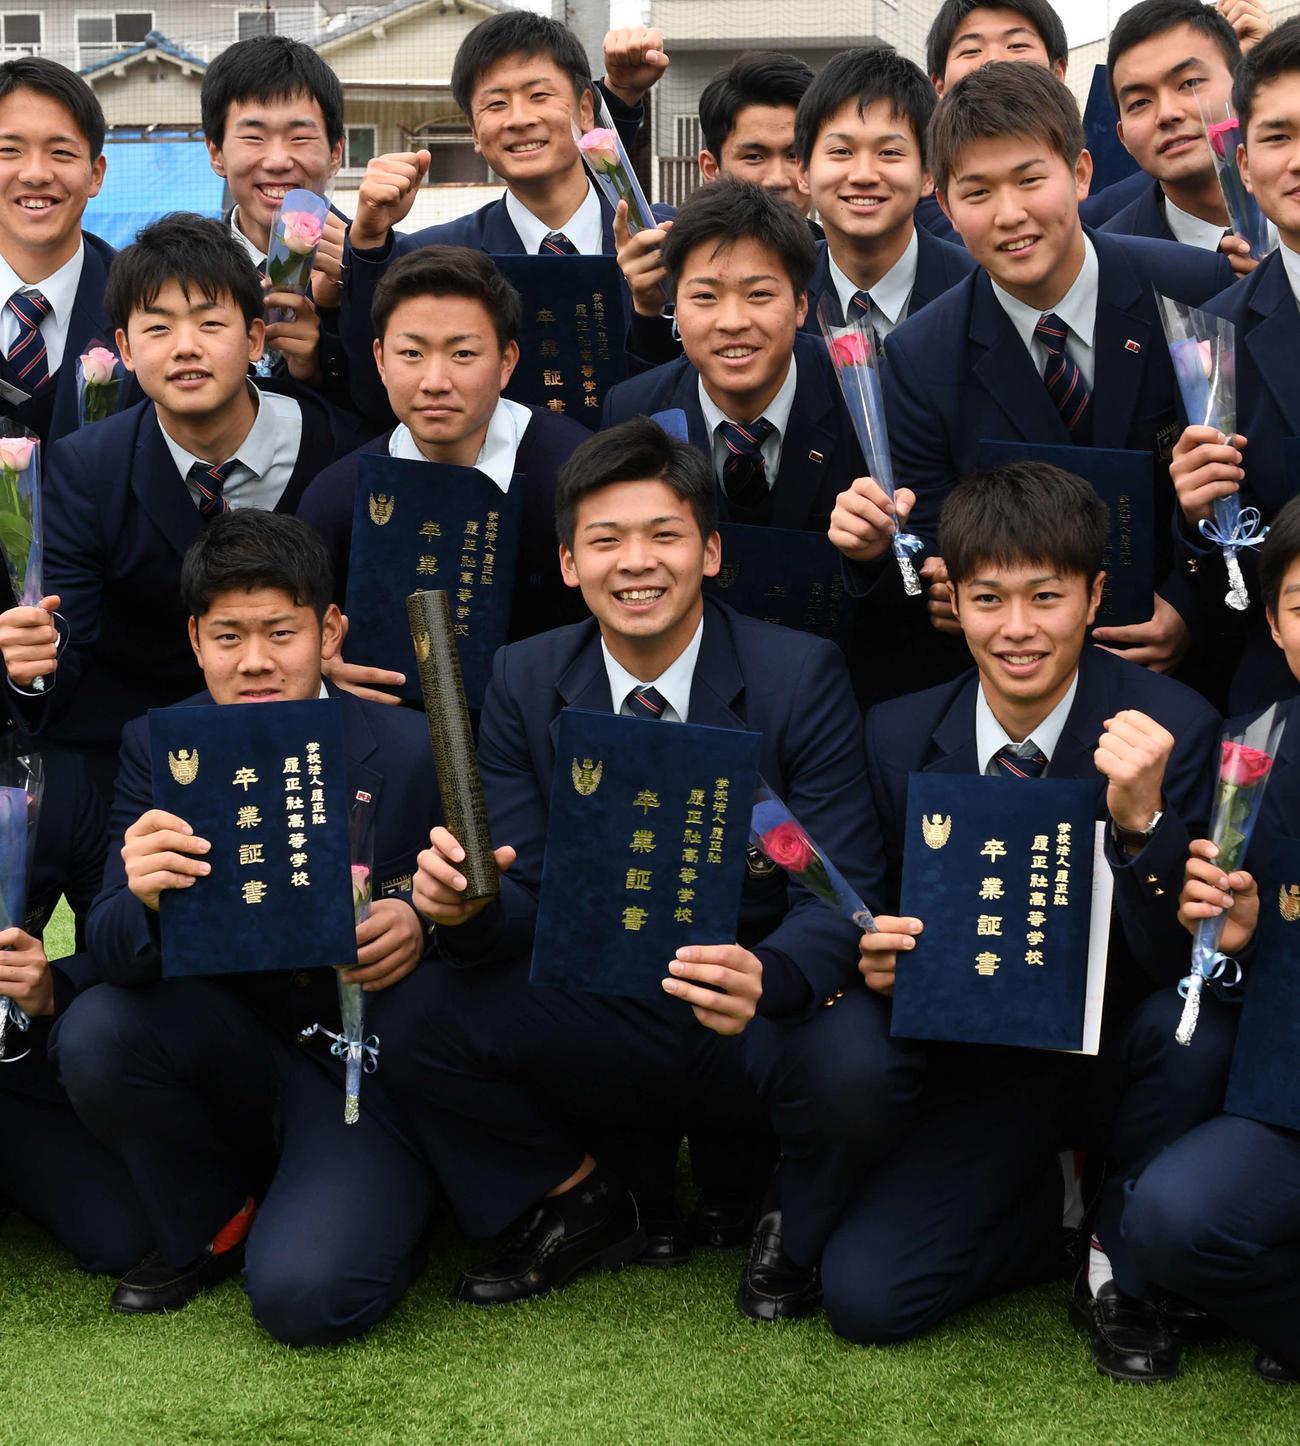 卒業式を終えナインとともに後輩にエールを送る井上(中央)(撮影・前岡正明)